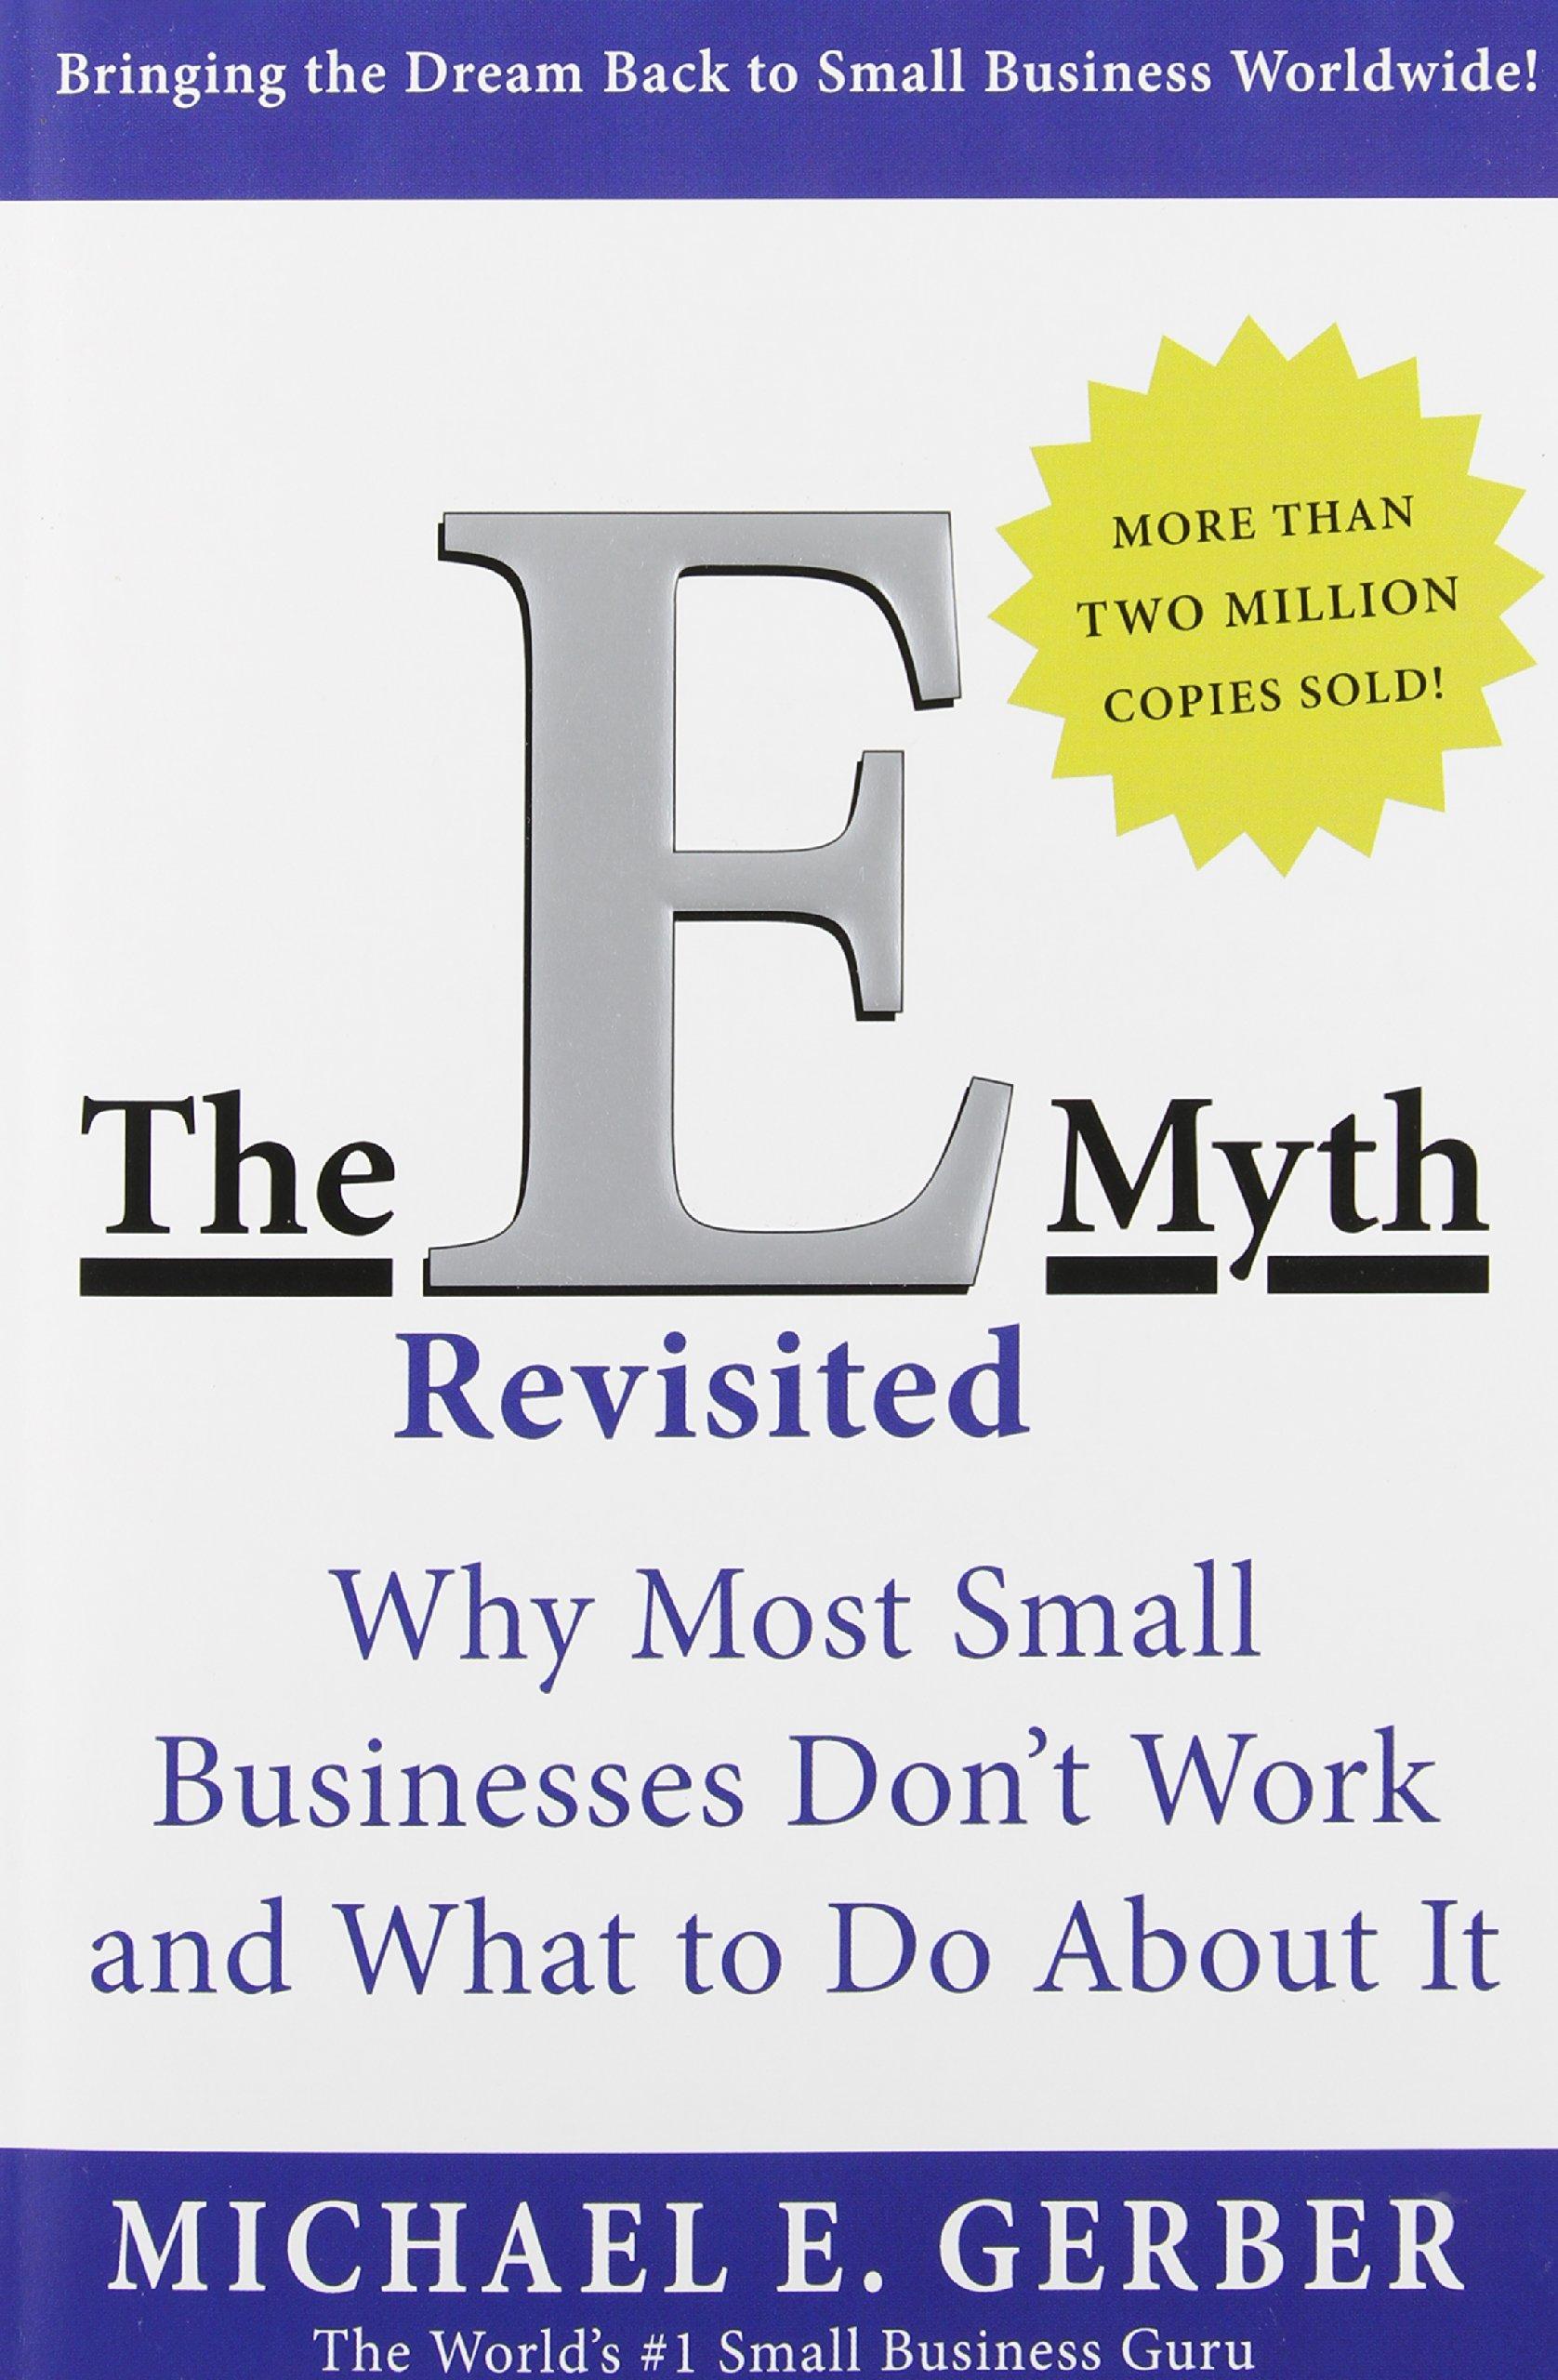 The-E-Myth-Revisted-cover.jpg